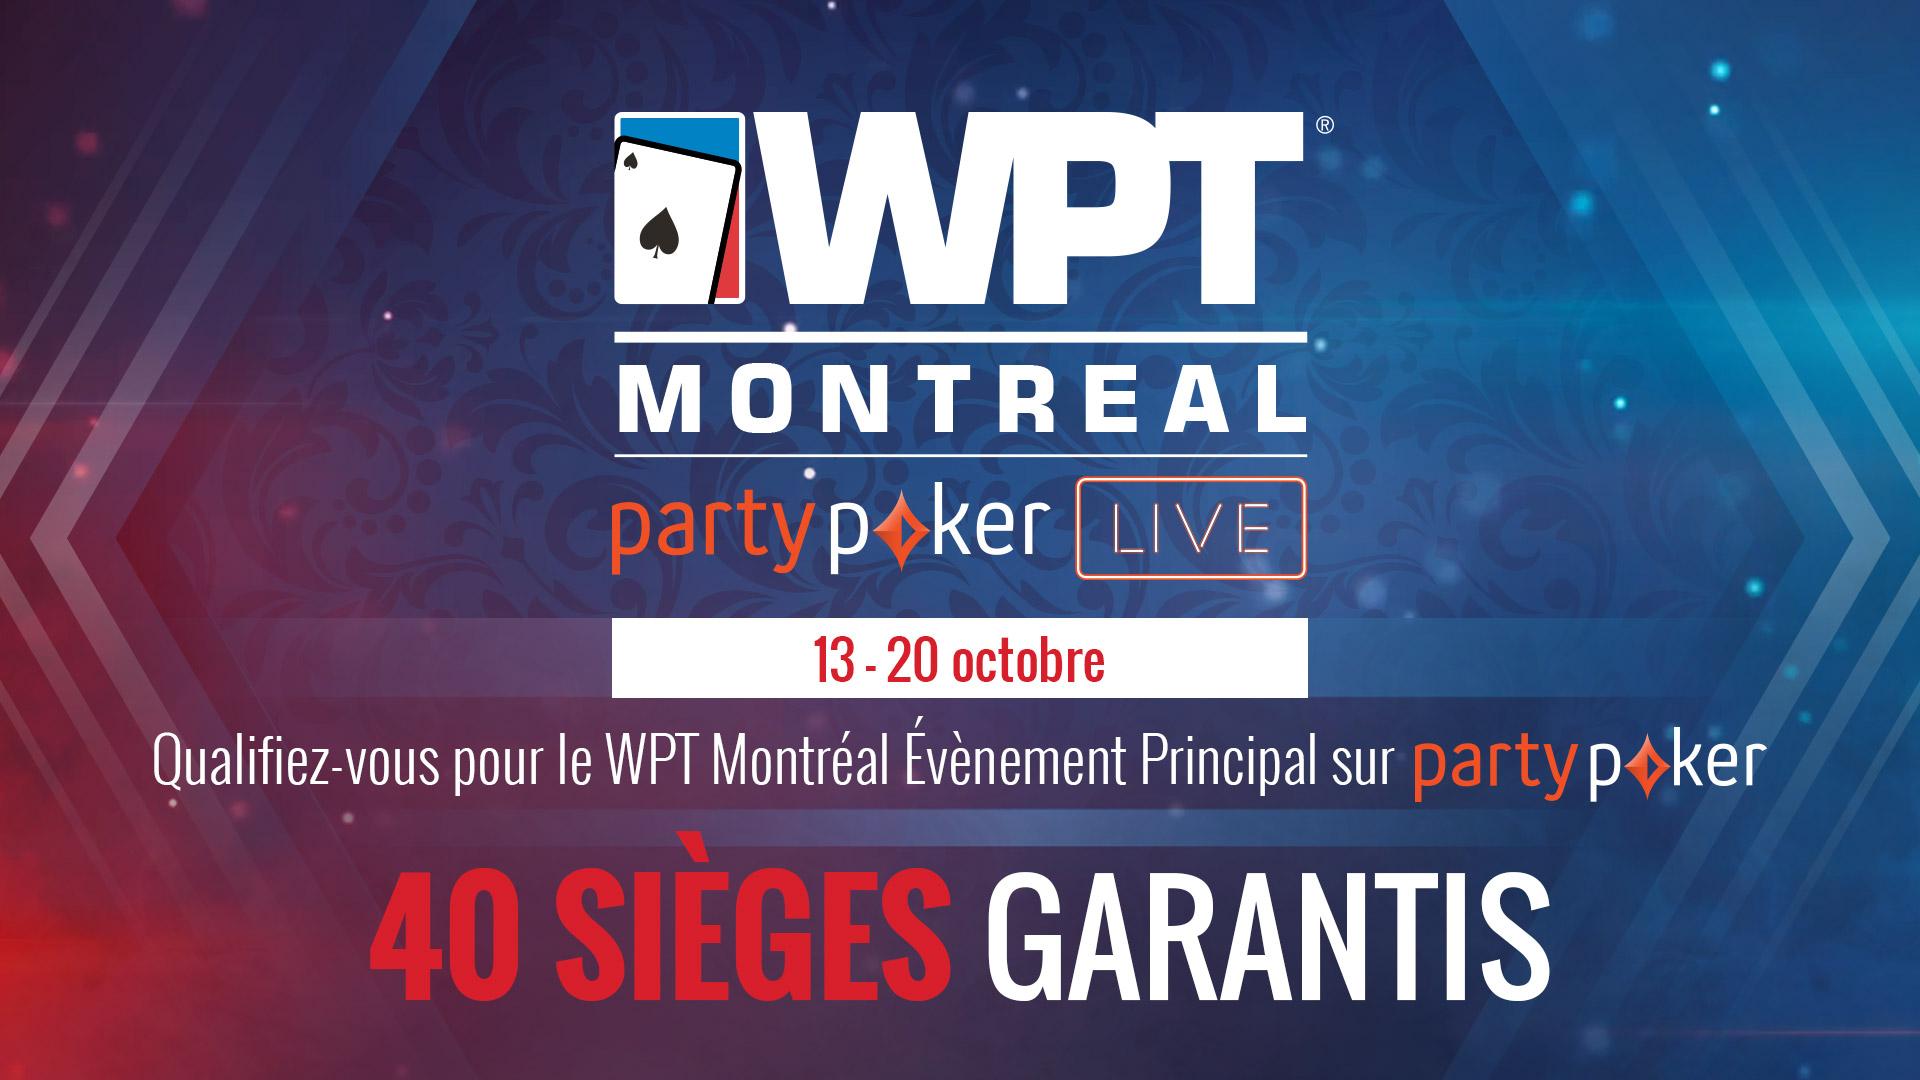 Qualifiez-vous pour le WPT Montréal Évènement Principal sur partypoker